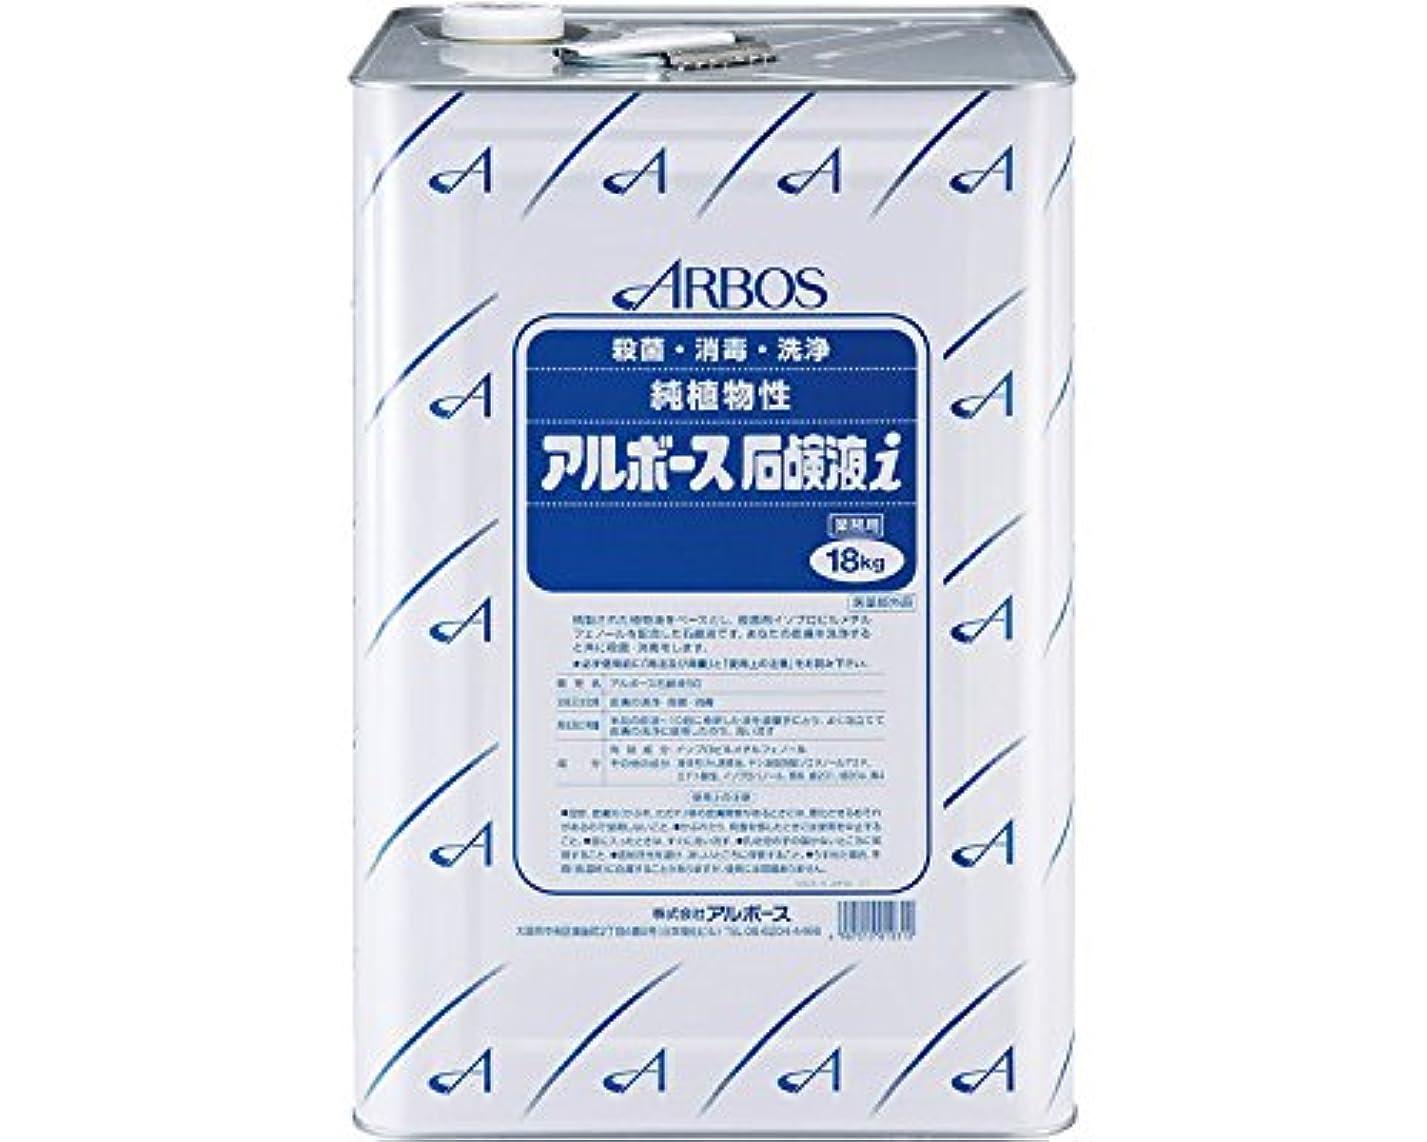 差別化する移行する海洋アルボース石鹸液i 18kg (アルボース)